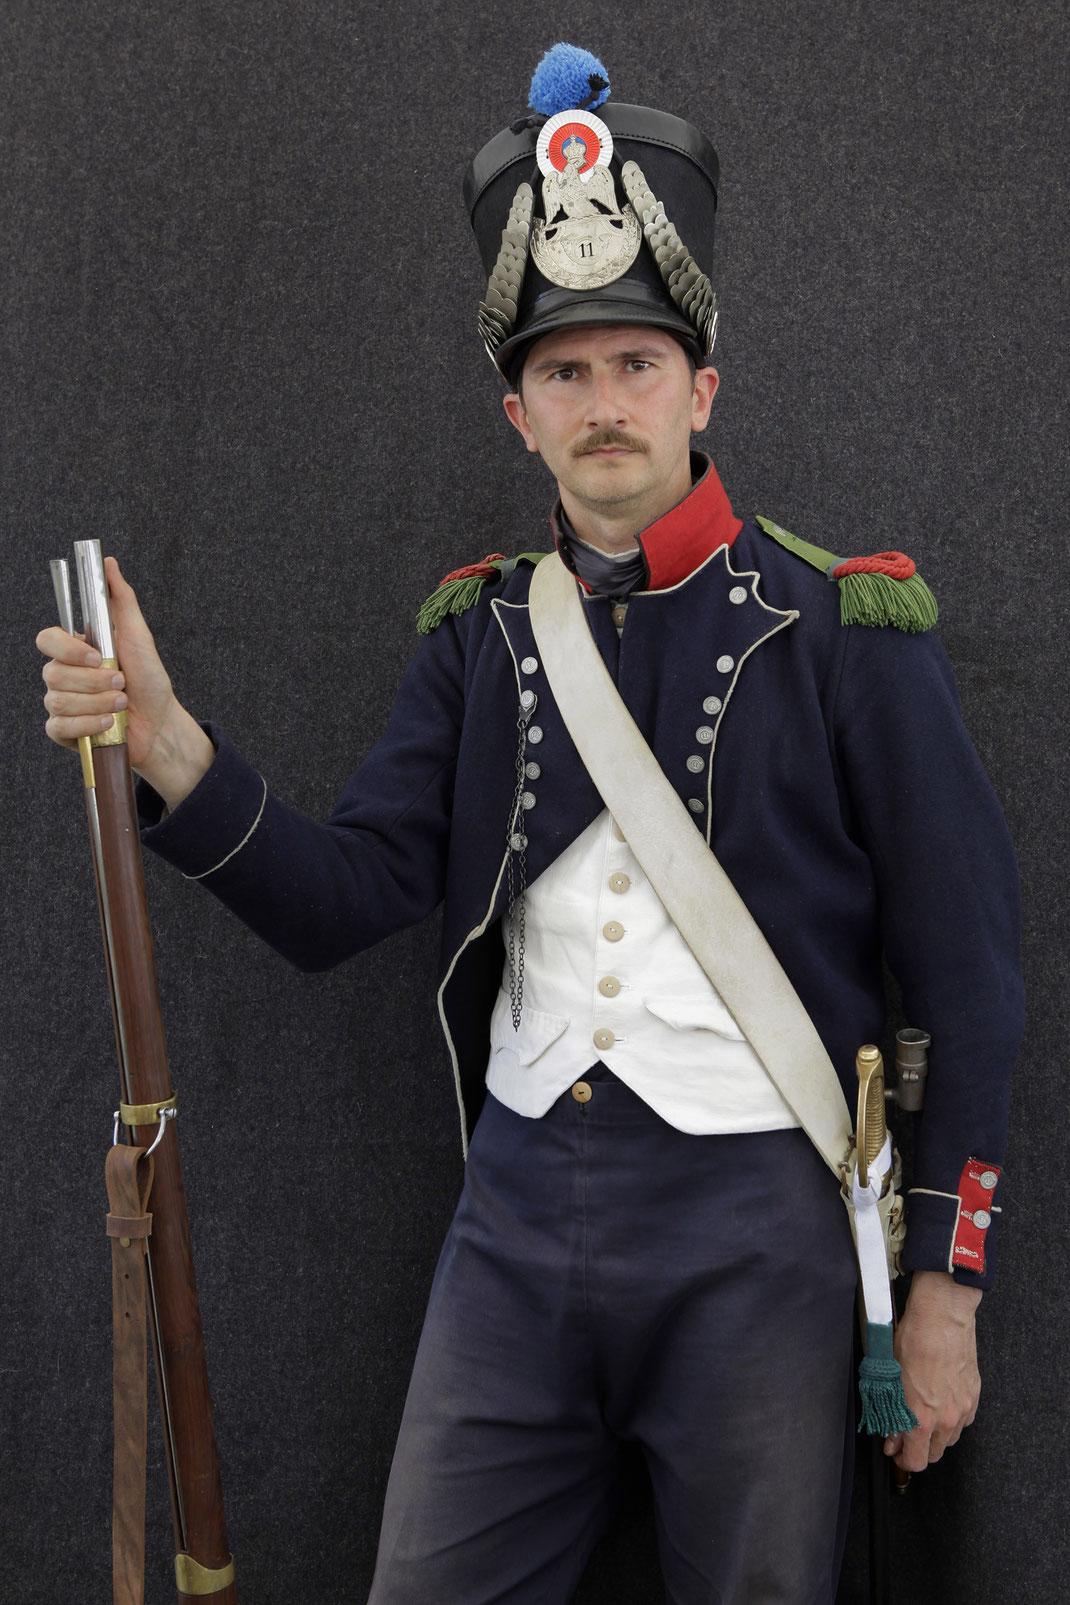 11ème Régiment d'Infanterie Légère empire 92e ri 92e regiment insigne offiziere 8ème sarre libre 1er régiment napoléon 1815 insigne régimentaire